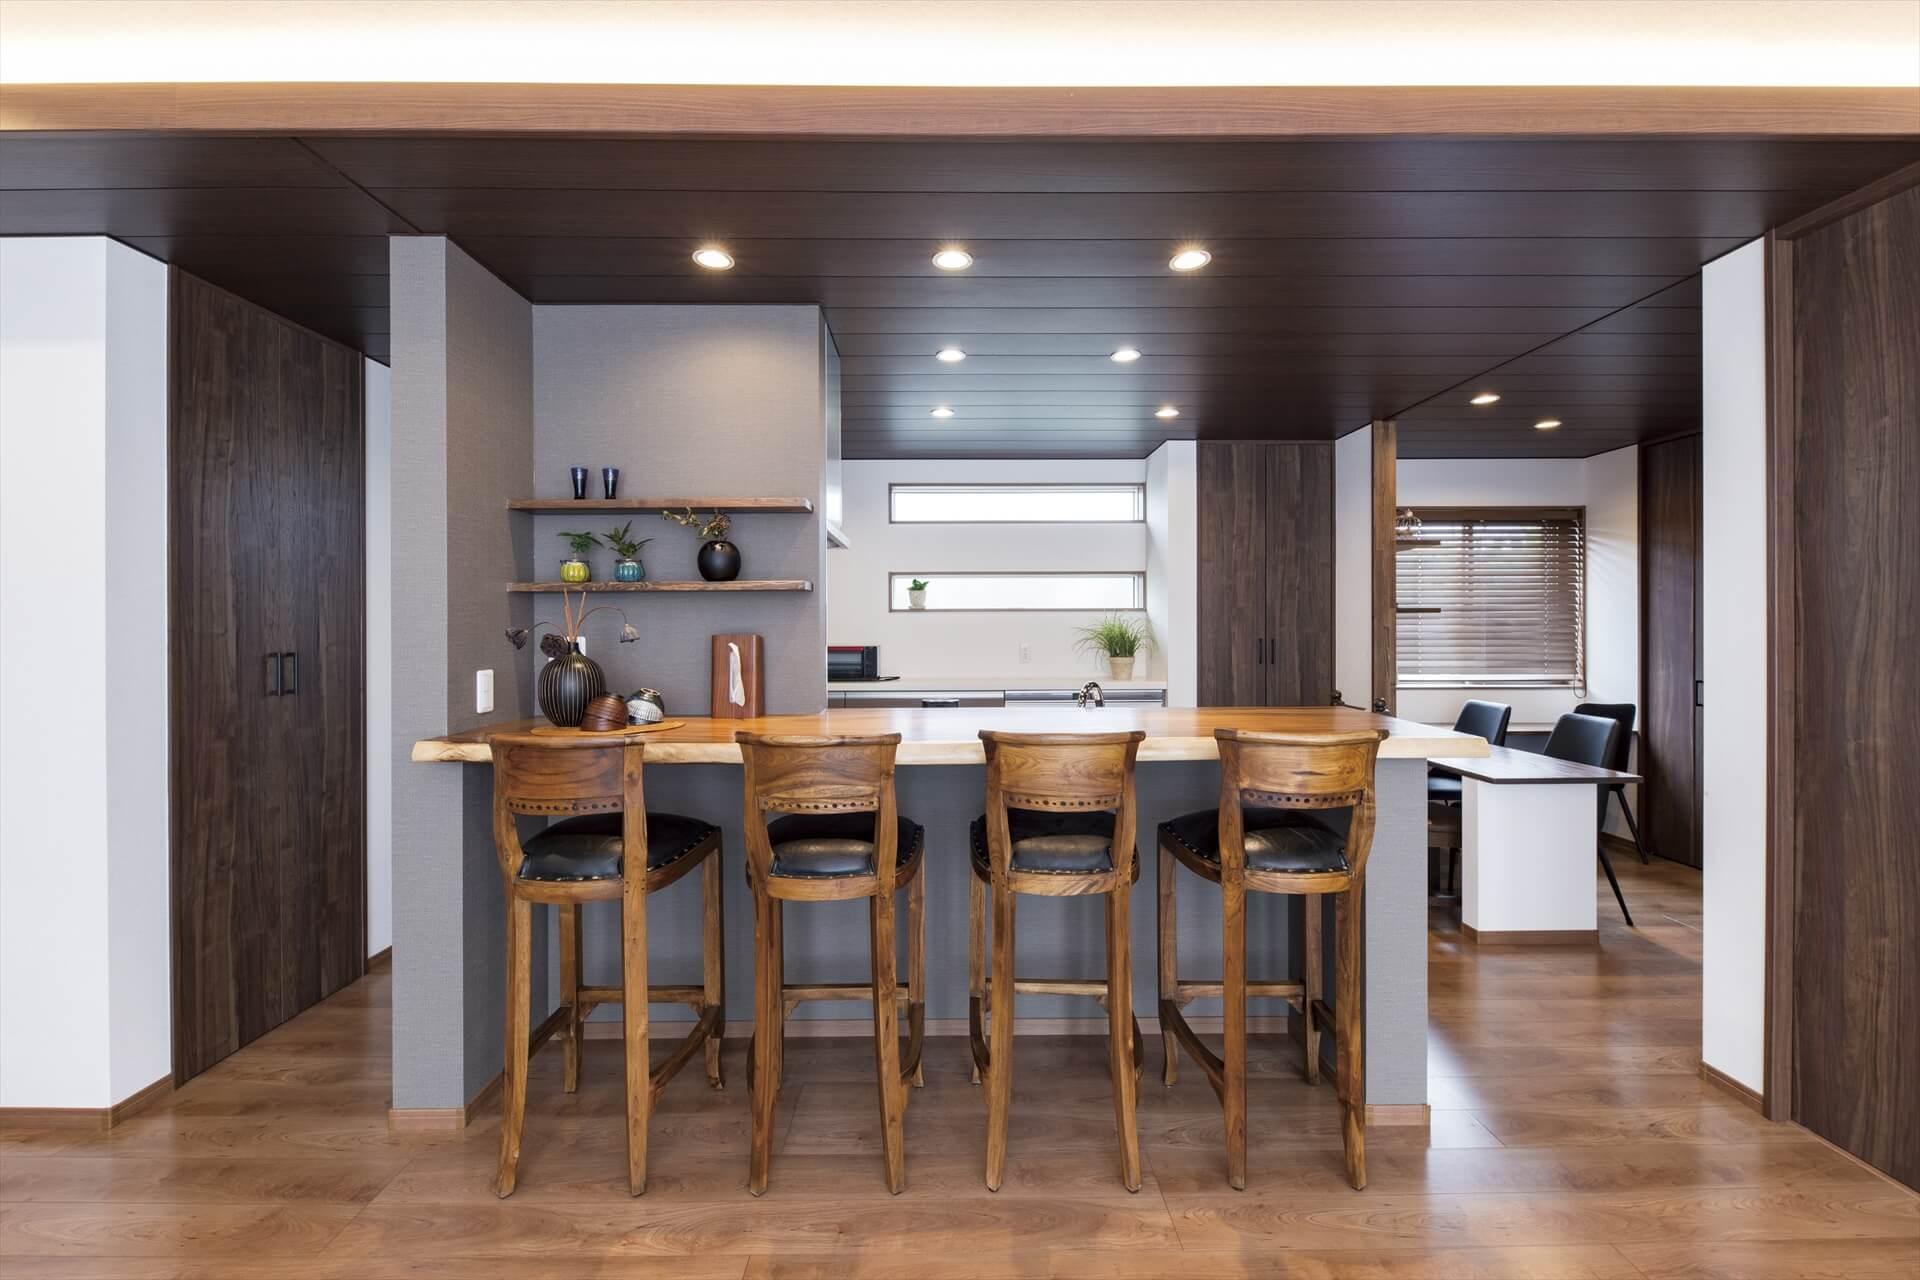 一枚板カウンターや趣味部屋、魅せドコロ満載の住みよい家